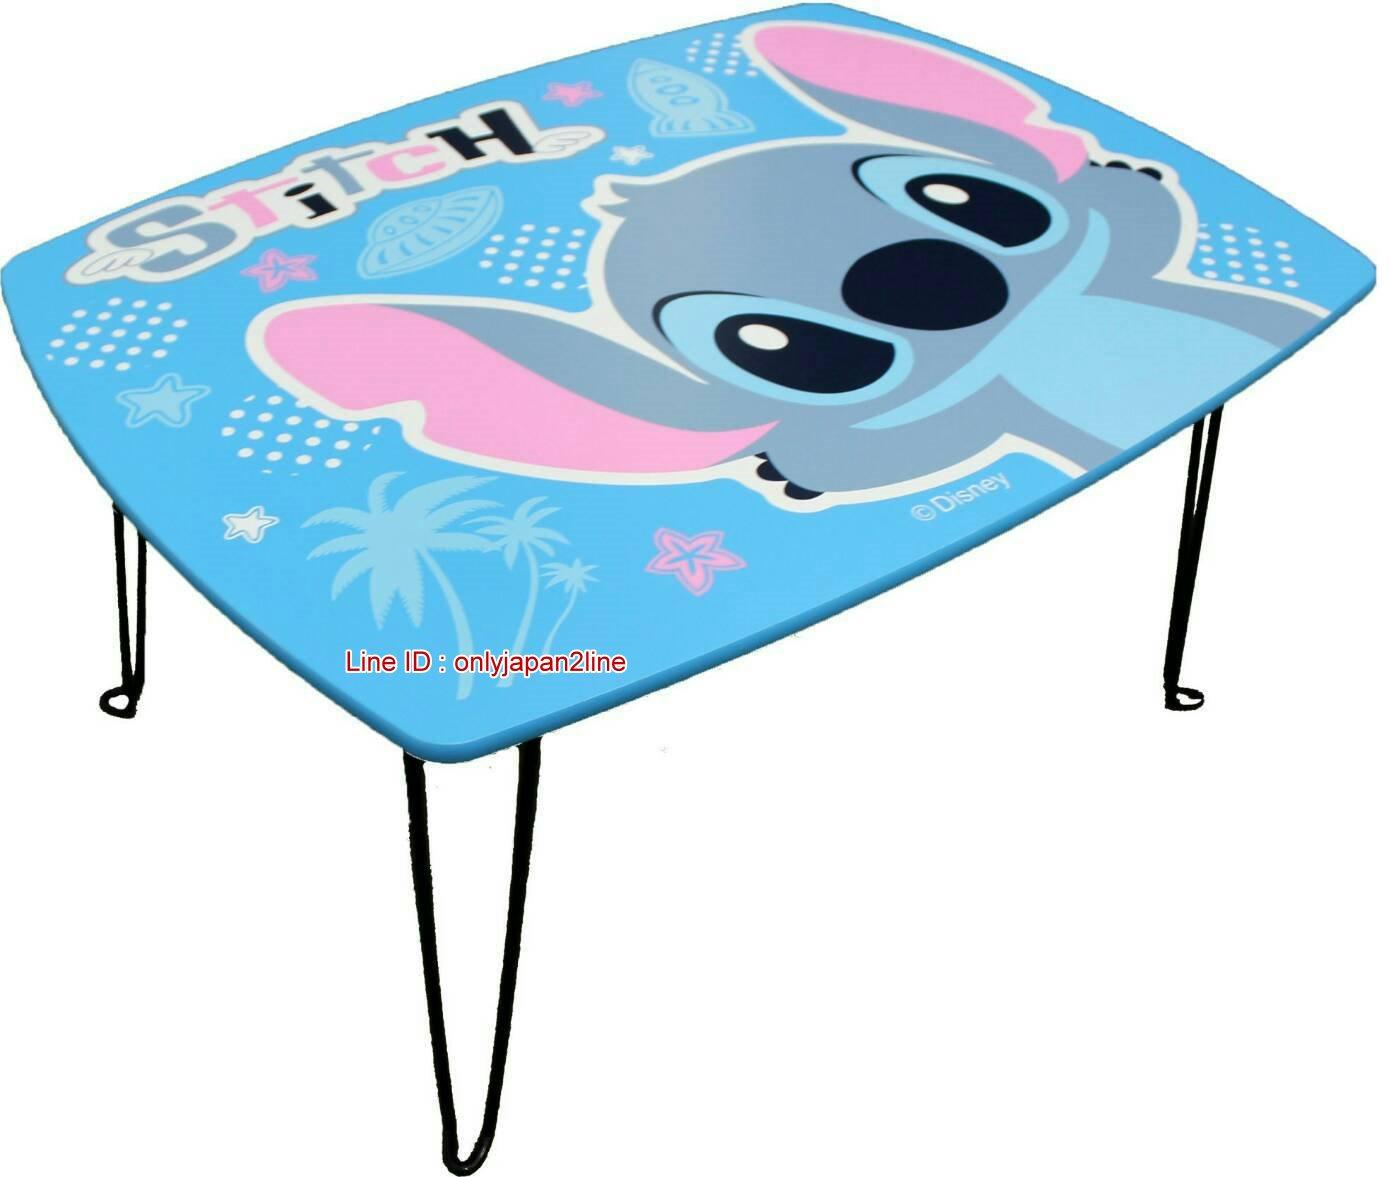 【真愛日本】16120700001史迪奇長桌-可愛 迪士尼 星際寶貝 史迪奇 桌子 和式桌 擺飾